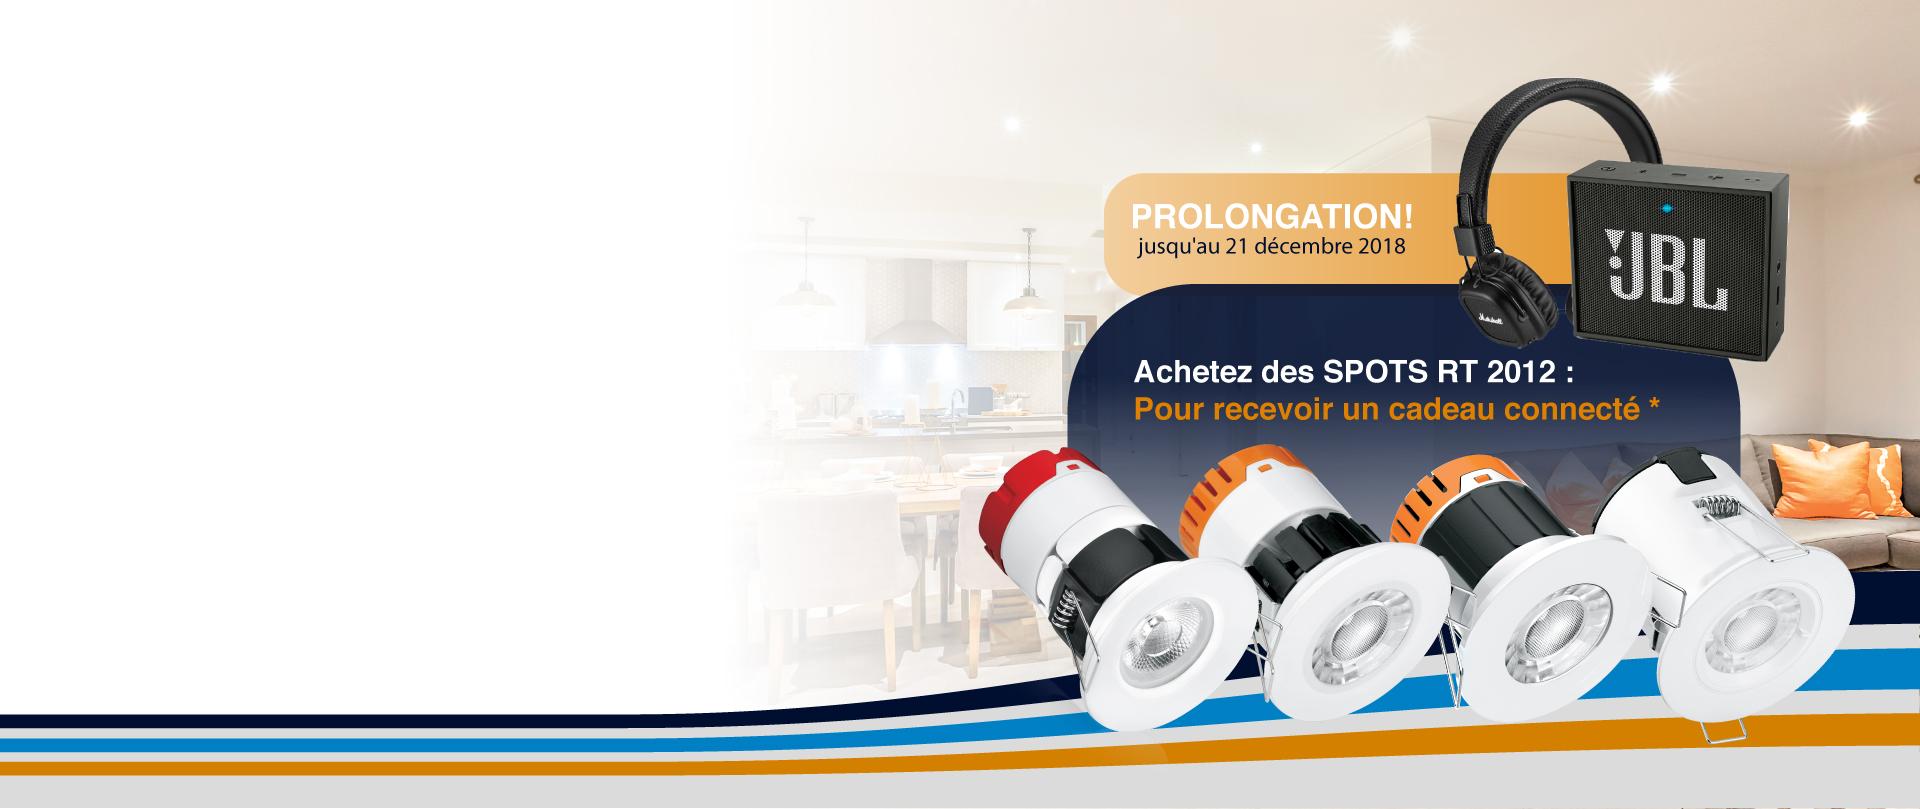 Image de la catégorie Promo SPÉCIALE : Spot Encastré RT 2012